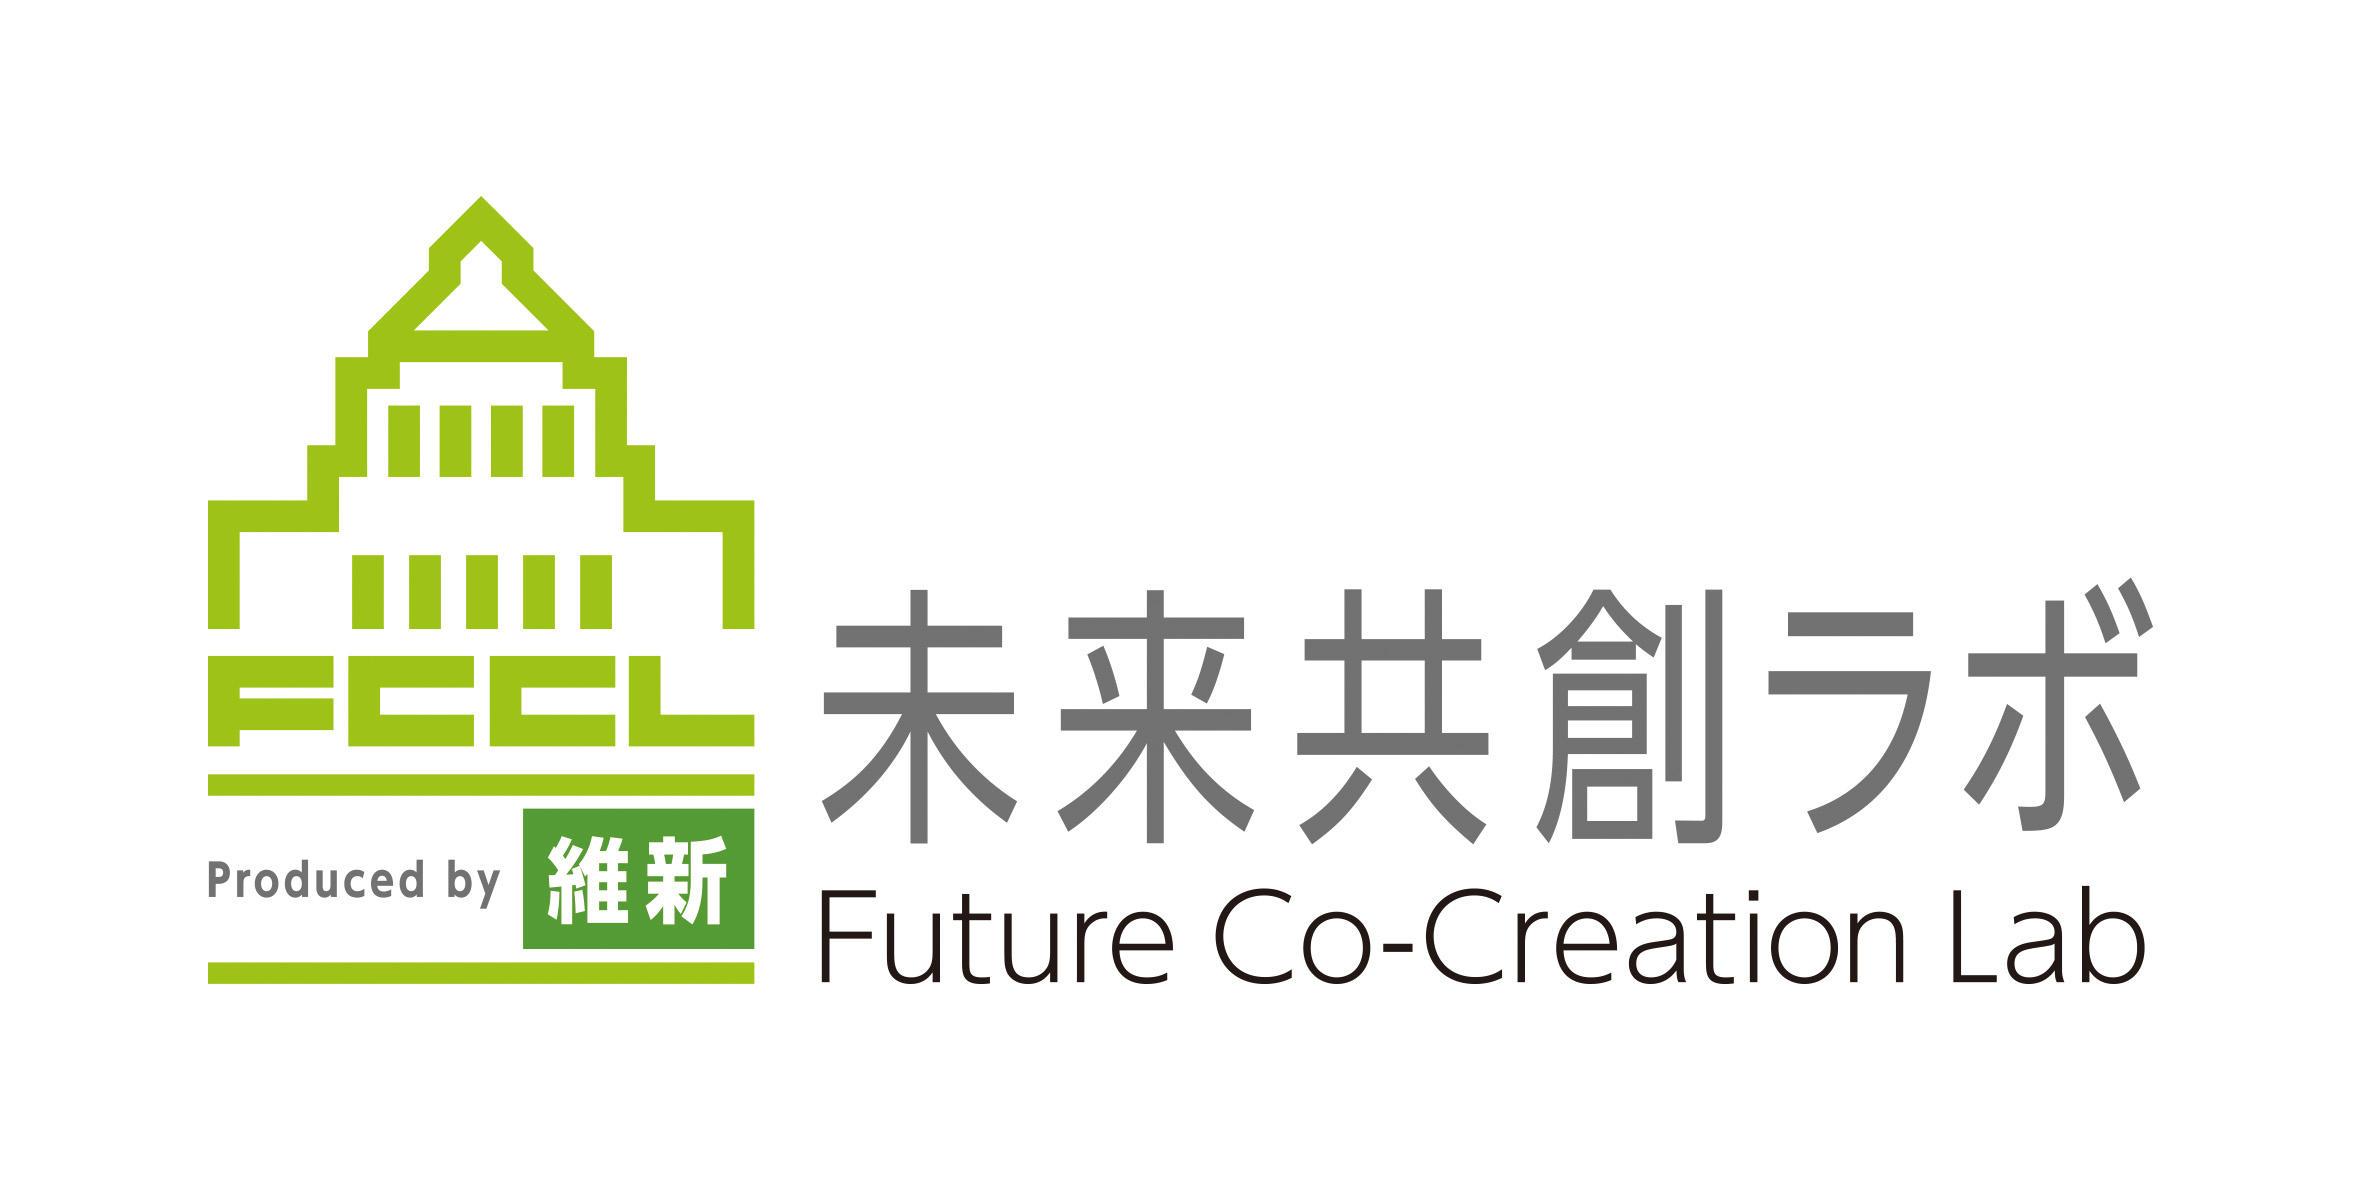 「未来共創ラボ」オンラインサロン オープンのお知らせ